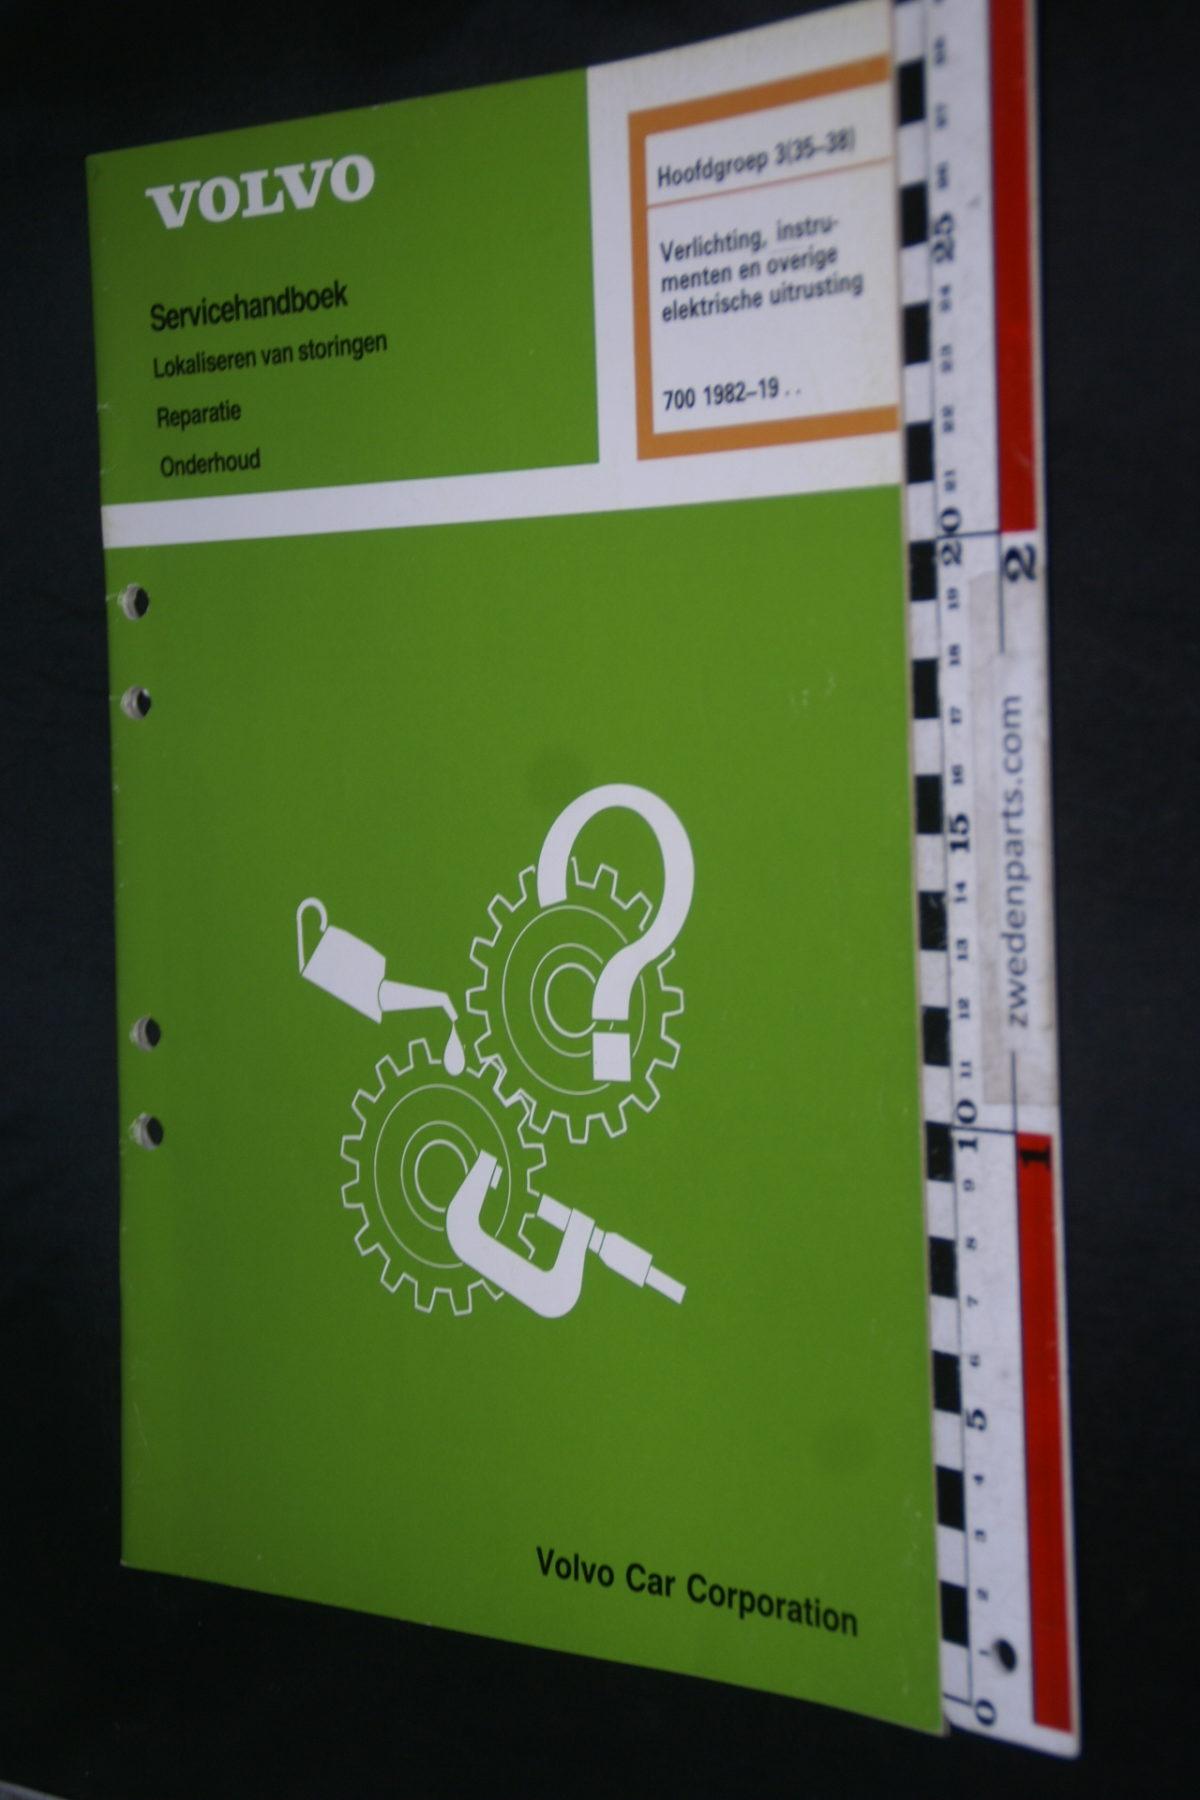 DSC08660 1987 origineel Volvo 700 servicehandboek  3 (35-38) verlichting, instrumenten 1 van 800 TP 31170-1